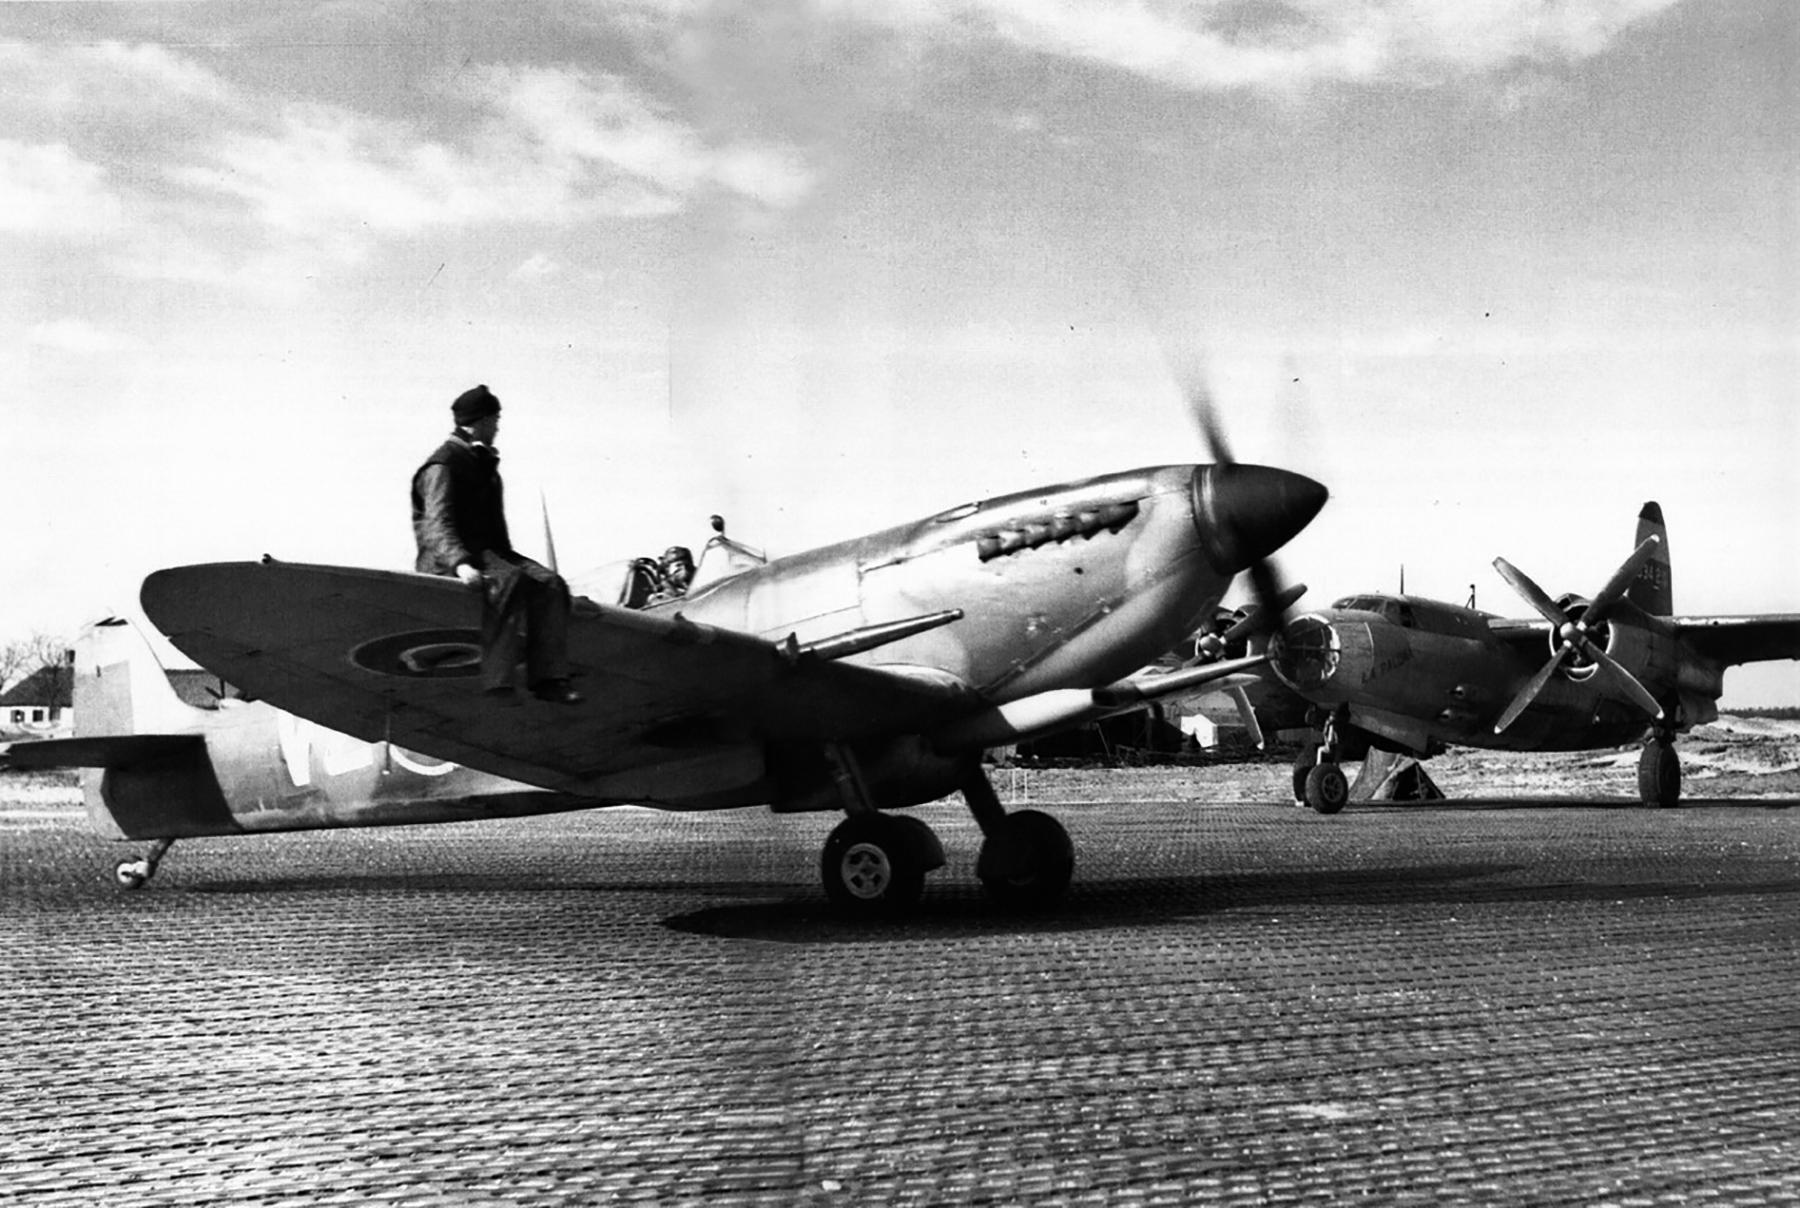 Spitfire MkIX RCAF 412Sqn VZR Heesch Netherlands 22nd Mar 1945 01